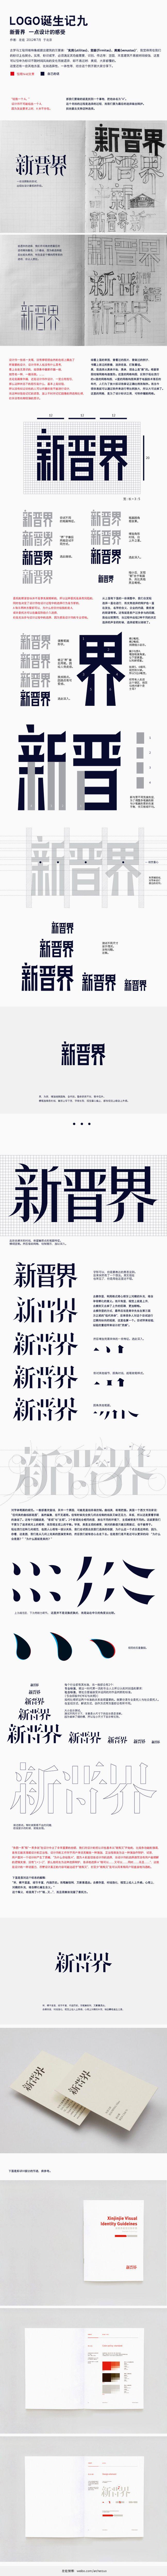 非常有見解力的VI標準字設計,不僅在文字的造形上有言之有物,且在說服客戶的層面提供相當不錯的經驗談。